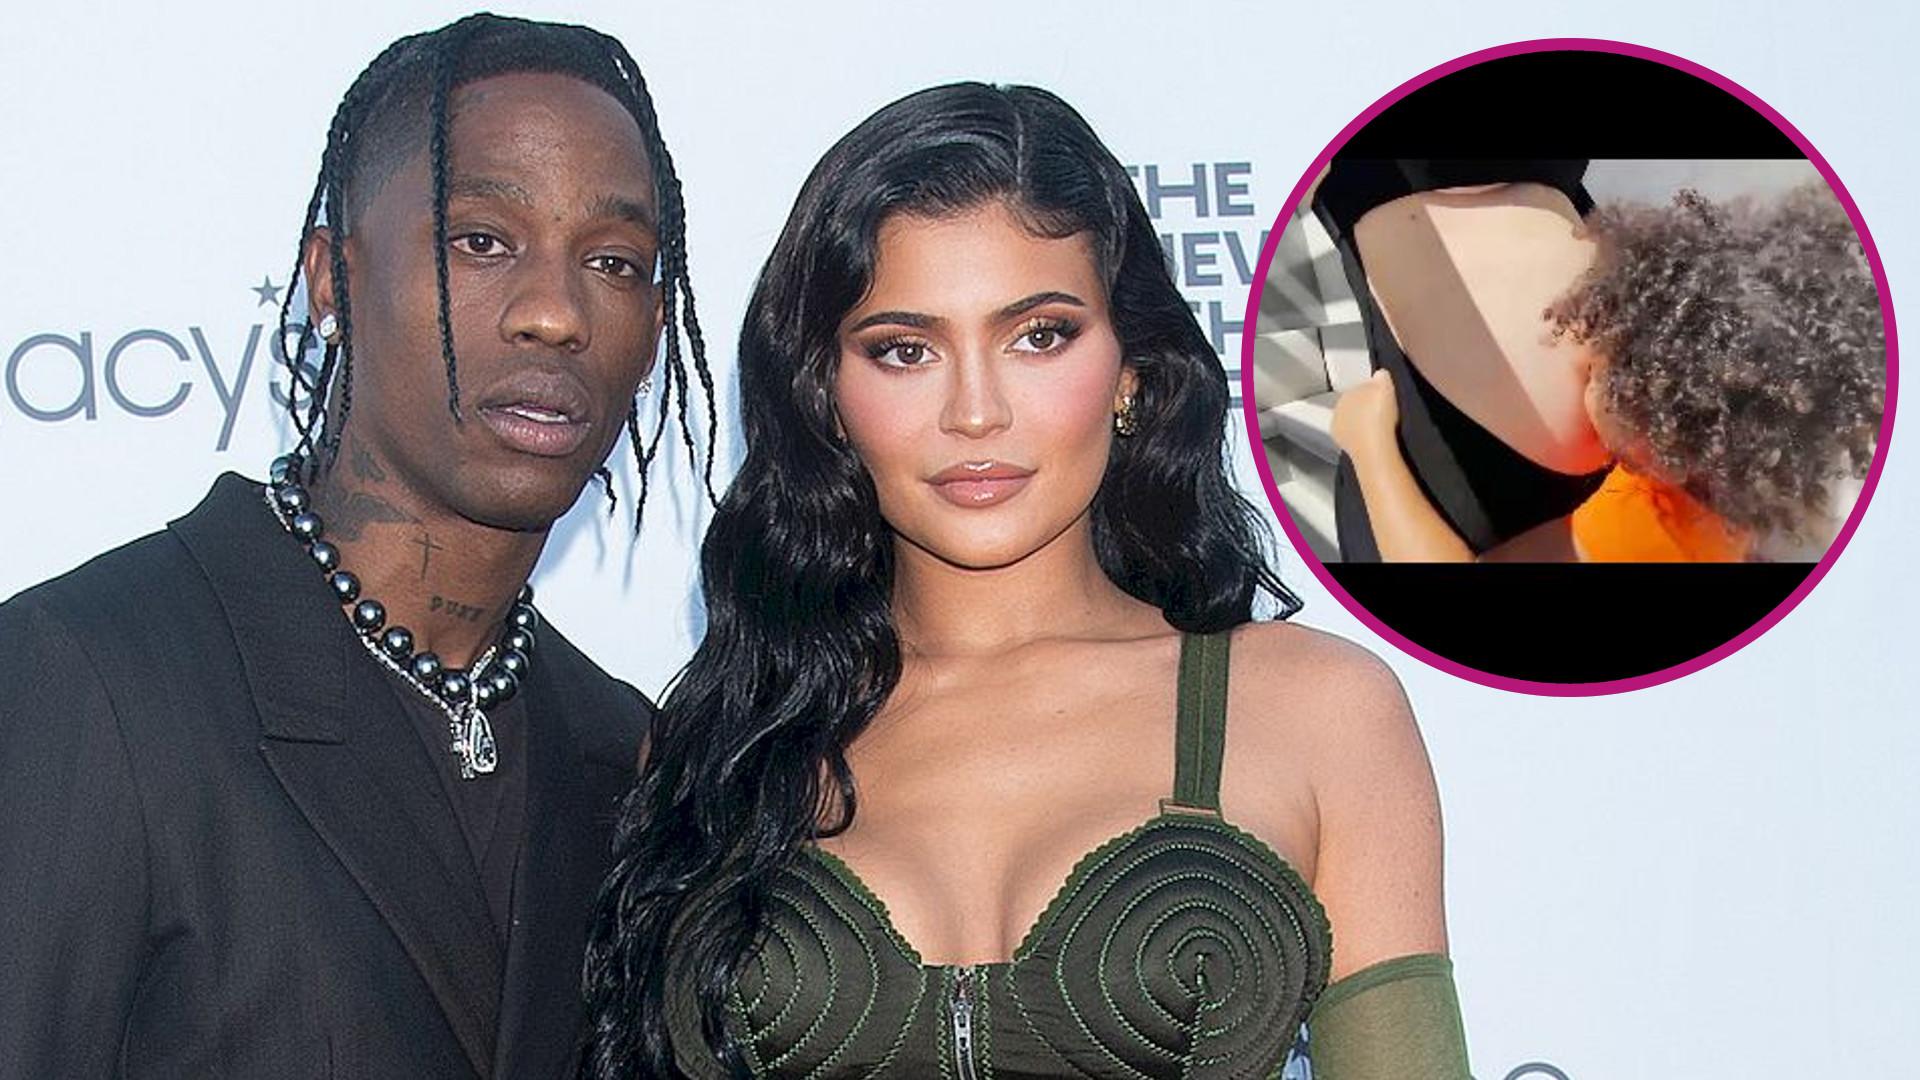 Kylie Jenner potwierdziła CIĄŻĘ! Pokazała wzruszający filmik i duży brzuszek